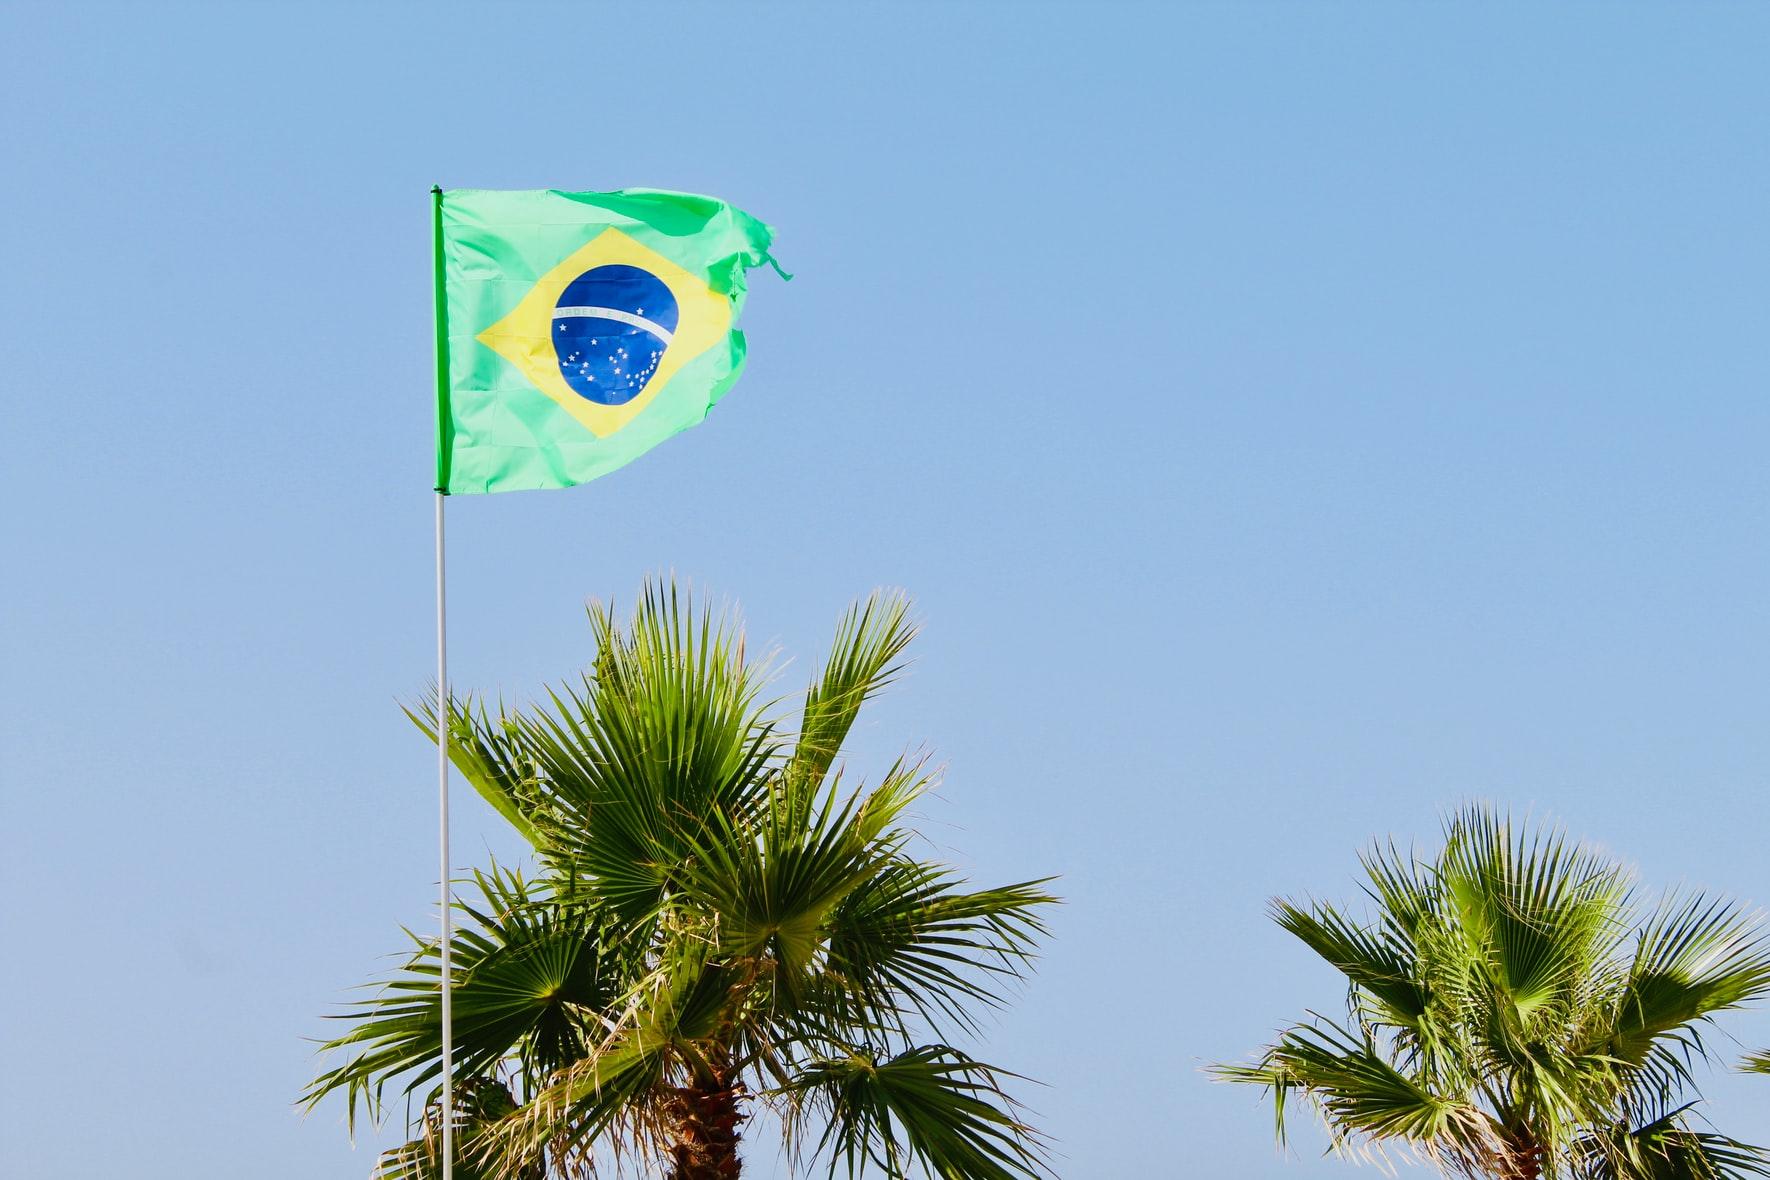 La principale banque d'investissement brésilienne lance l'application de trading de crypto-monnaies Mynt